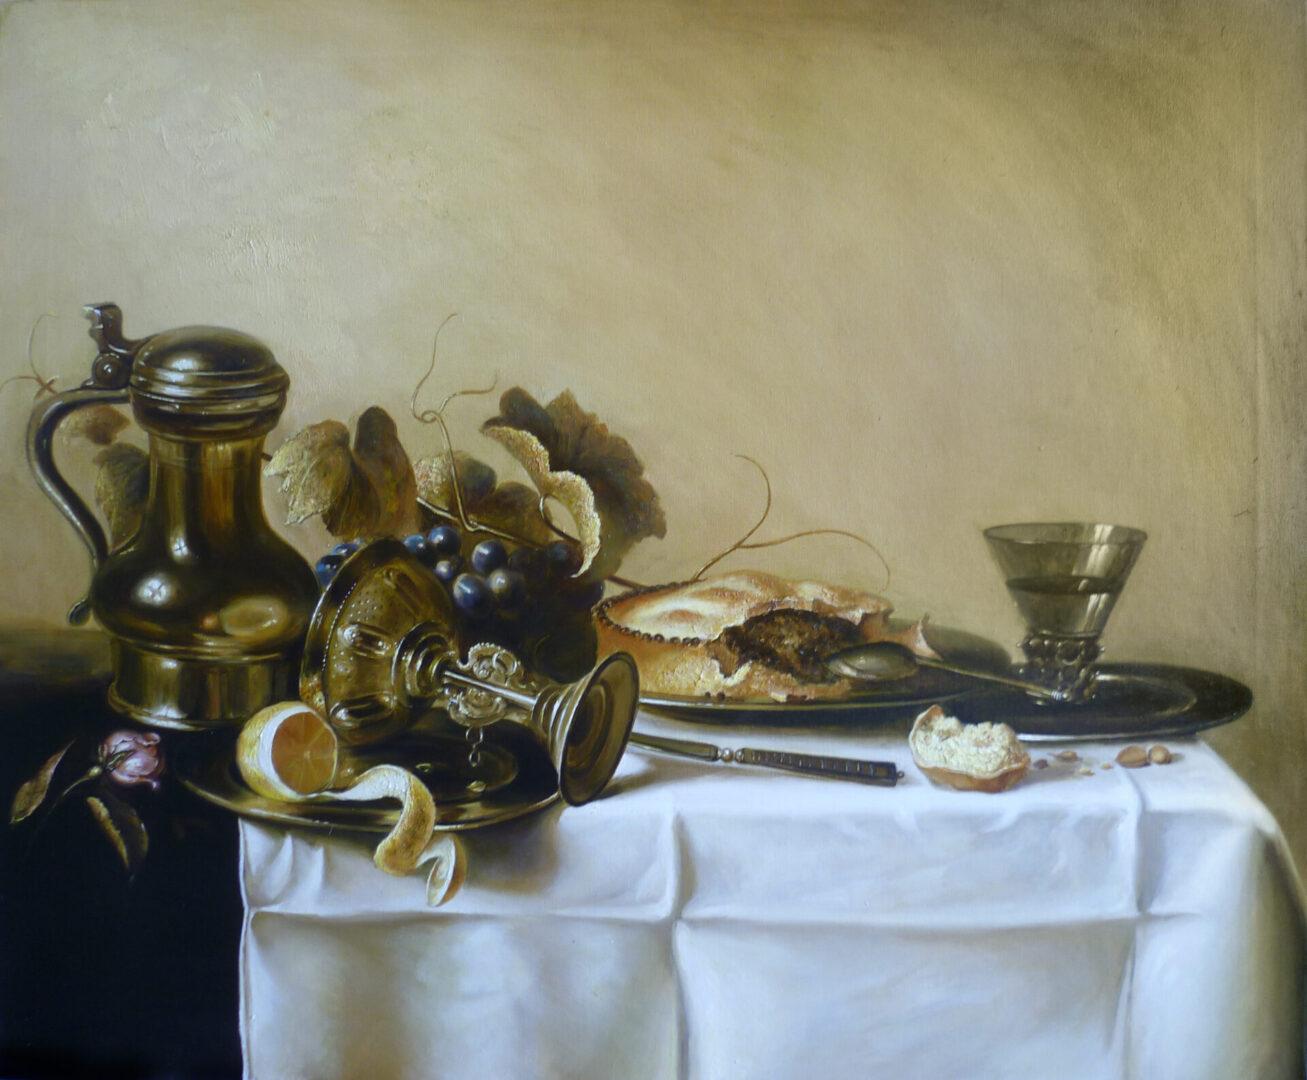 Картина на заказ Копия с Голландского натюрморта 2 - UT-ART STUDIO